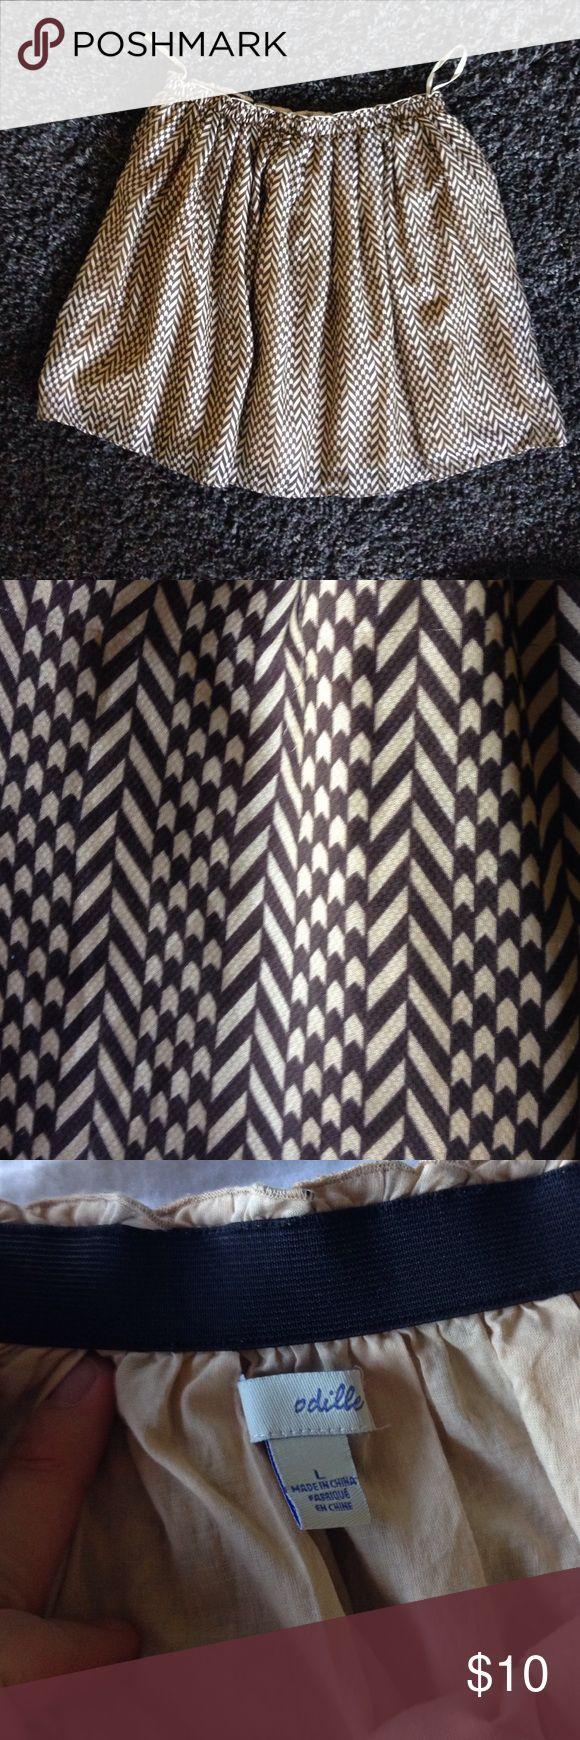 Anthropologie chevron skirt Anthropologie chevron skirt, garterized waist band. Brand is Odille Anthropologie Skirts A-Line or Full